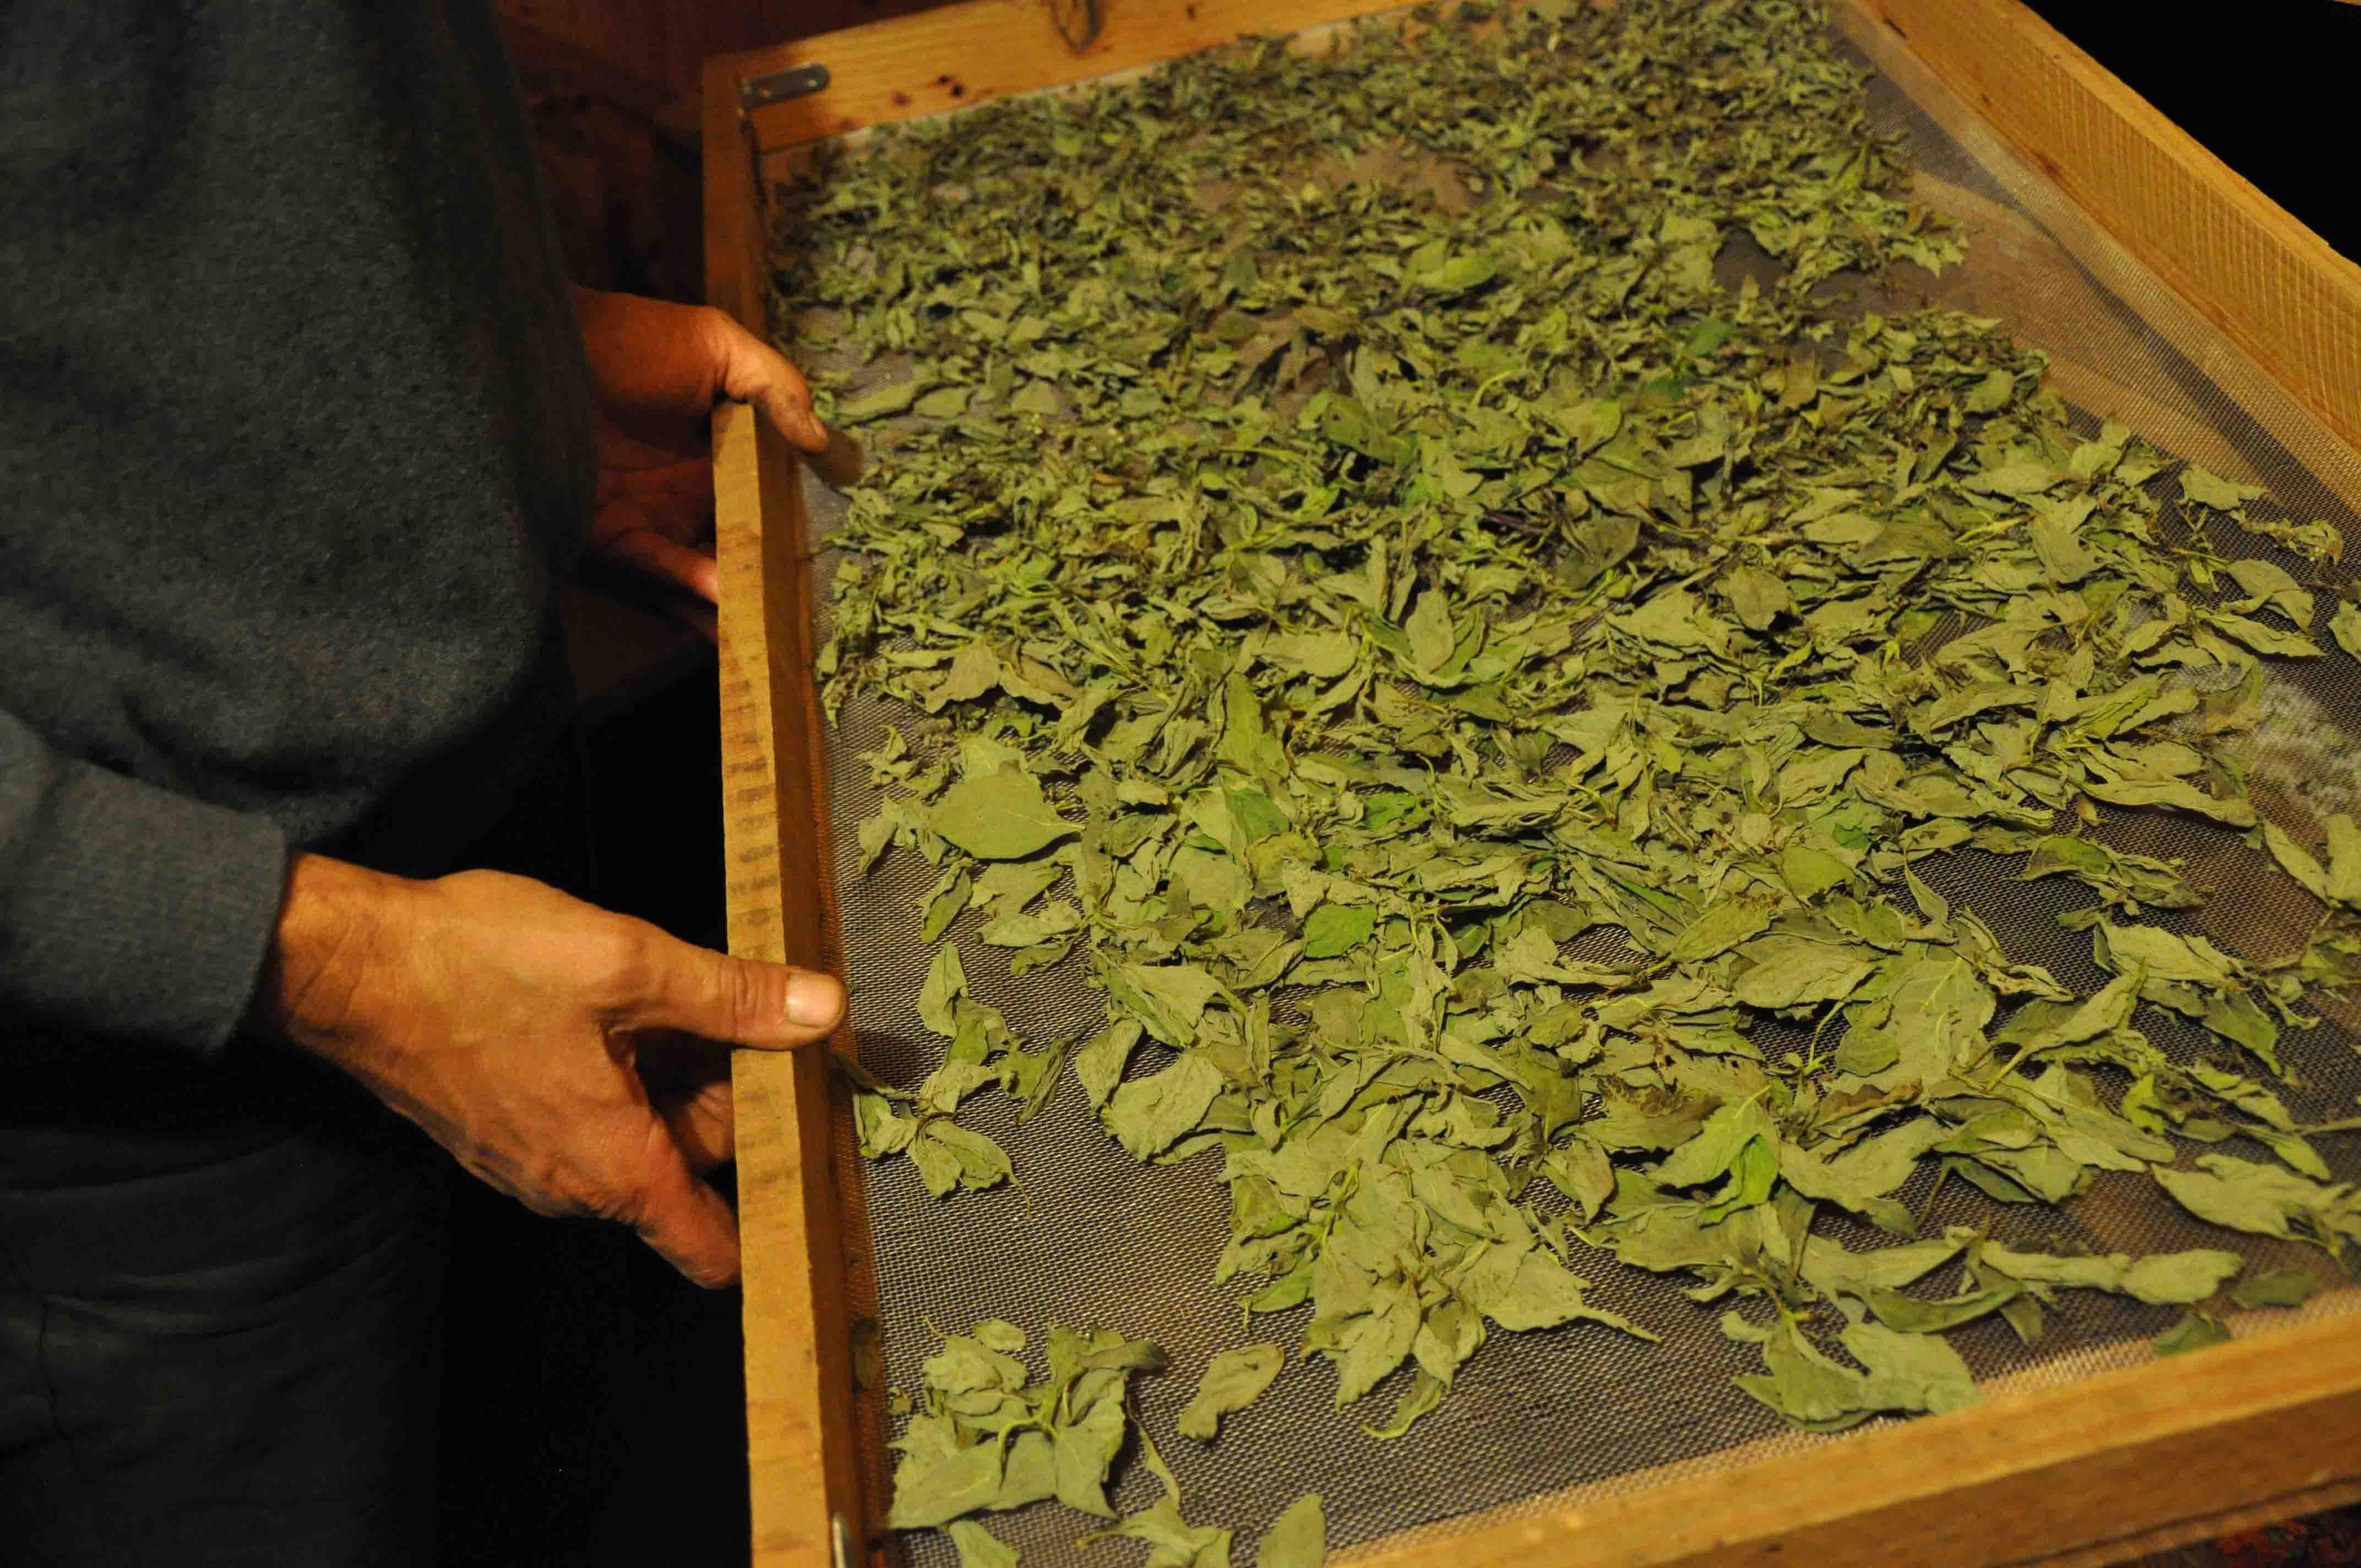 Dominique Lepage Cultiver Et Utiliser Les Plantes Aromatiques Et M Dicinales Savoir Faire Co